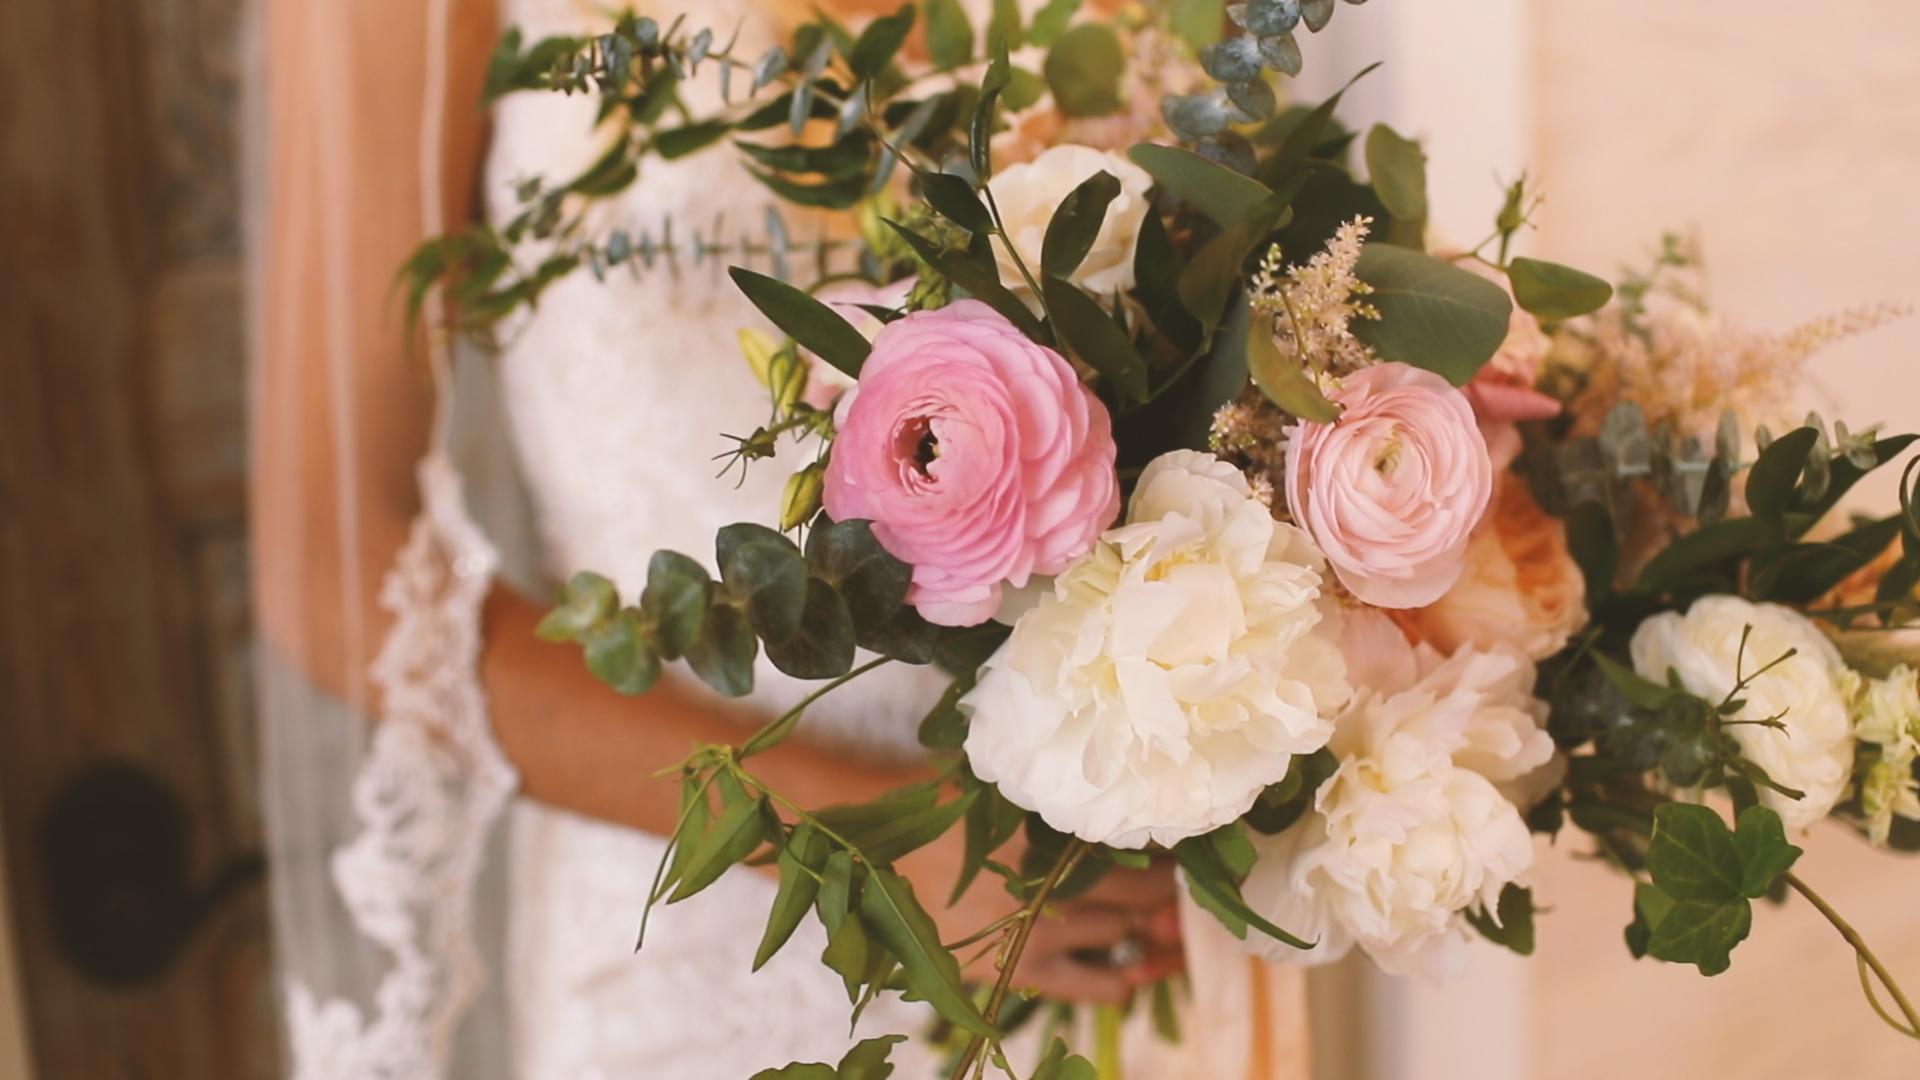 Vintage Wedding Flowers - Bride Film